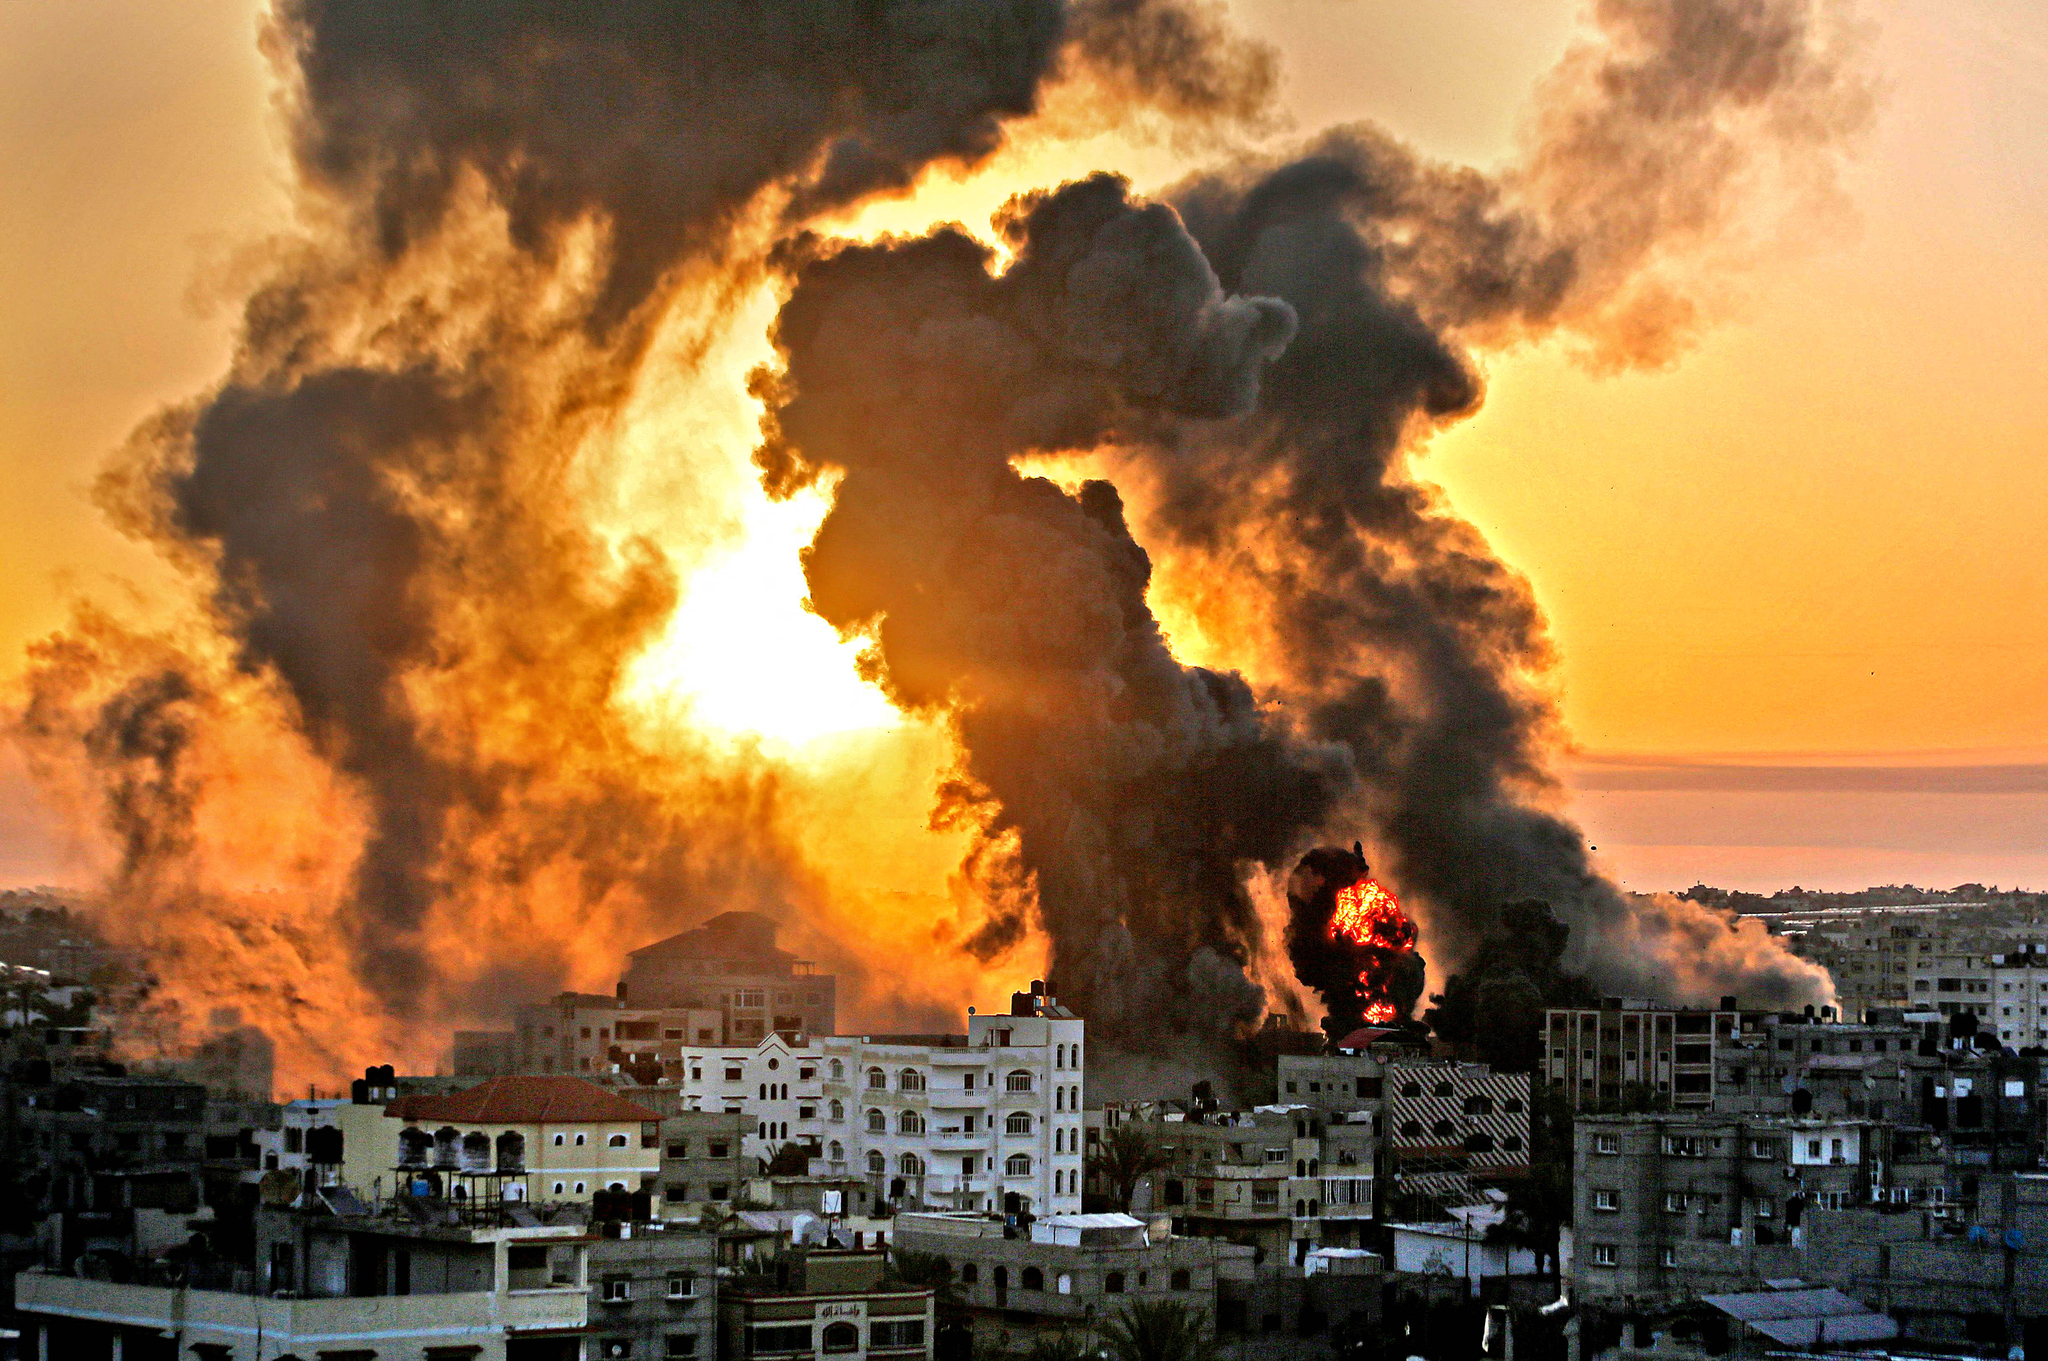 지난 12일 이스라엘군 공습으로 팔레스타인 자치지구인 가자시 남부의 칸 유니쉬 지역에서 검은 연기와 함께 불길이 타오르고 있다. AFP=연합뉴스